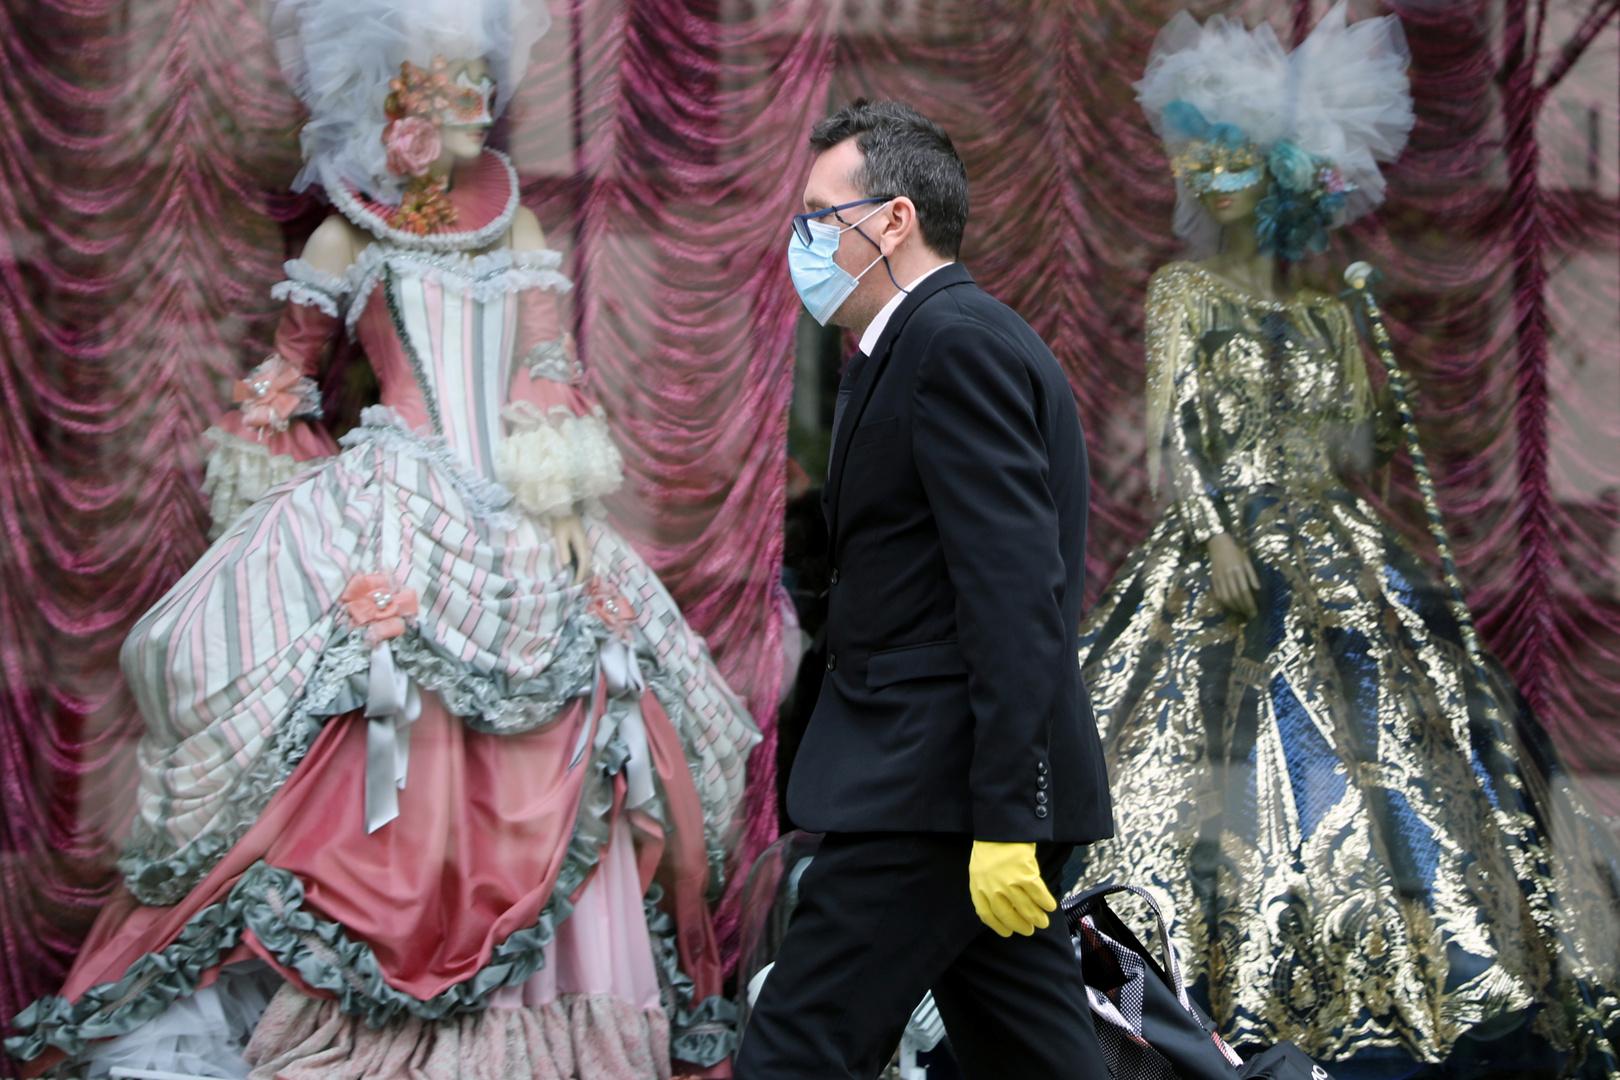 إسبانيا تشتري معدات طبية من الصين بقيمة 578 مليون يورو